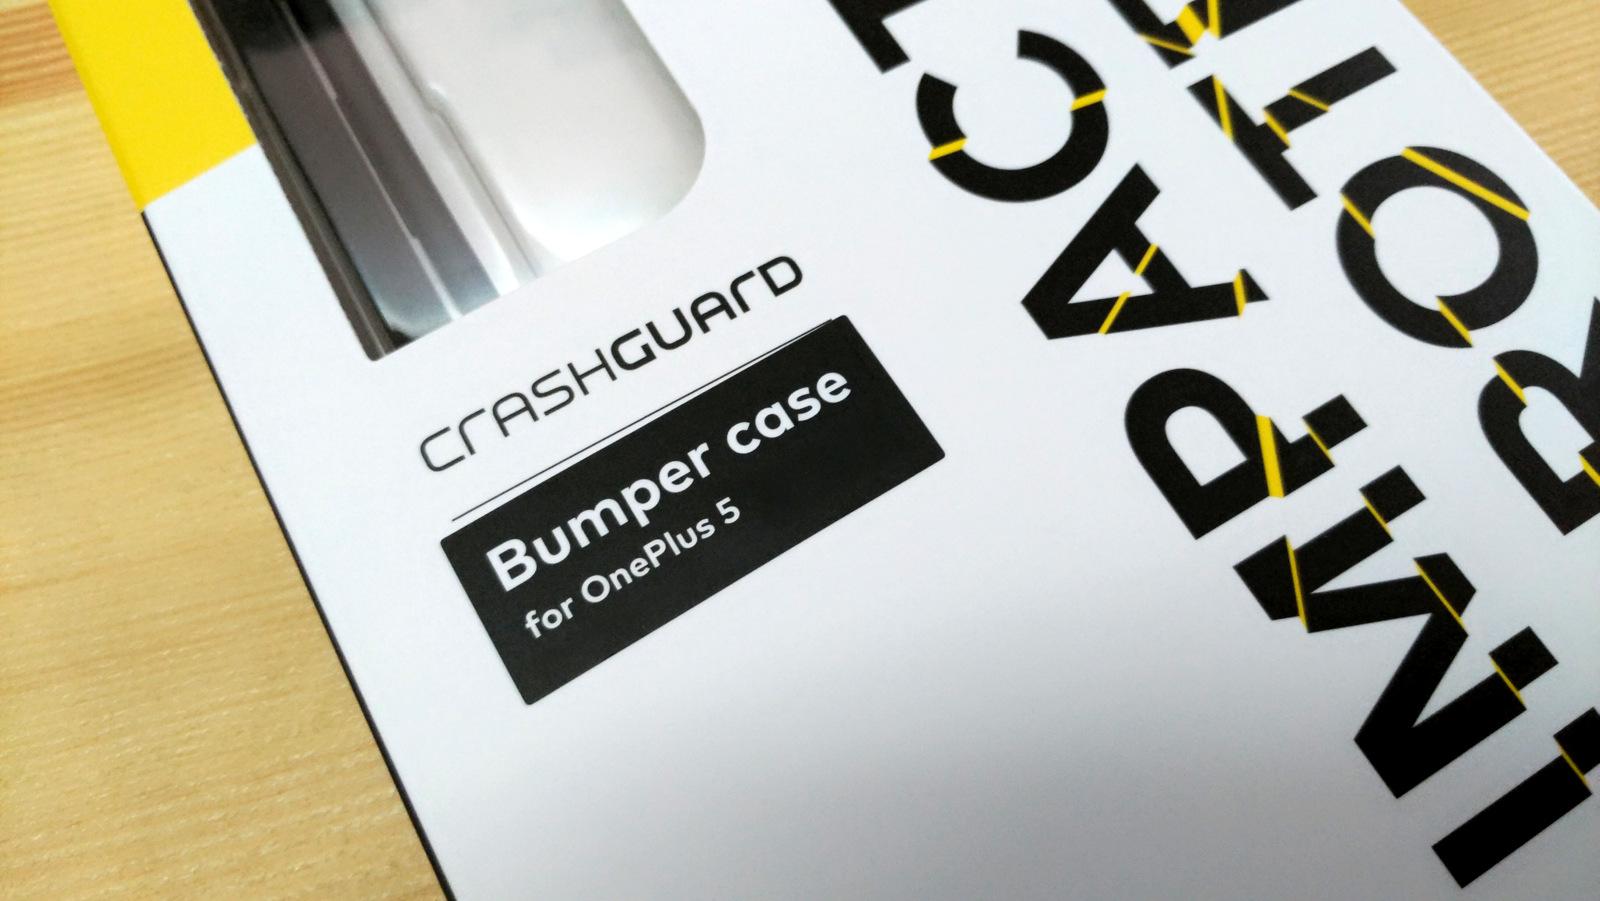 OnePlus 5 Case Hong Kong Rhino Shield _02